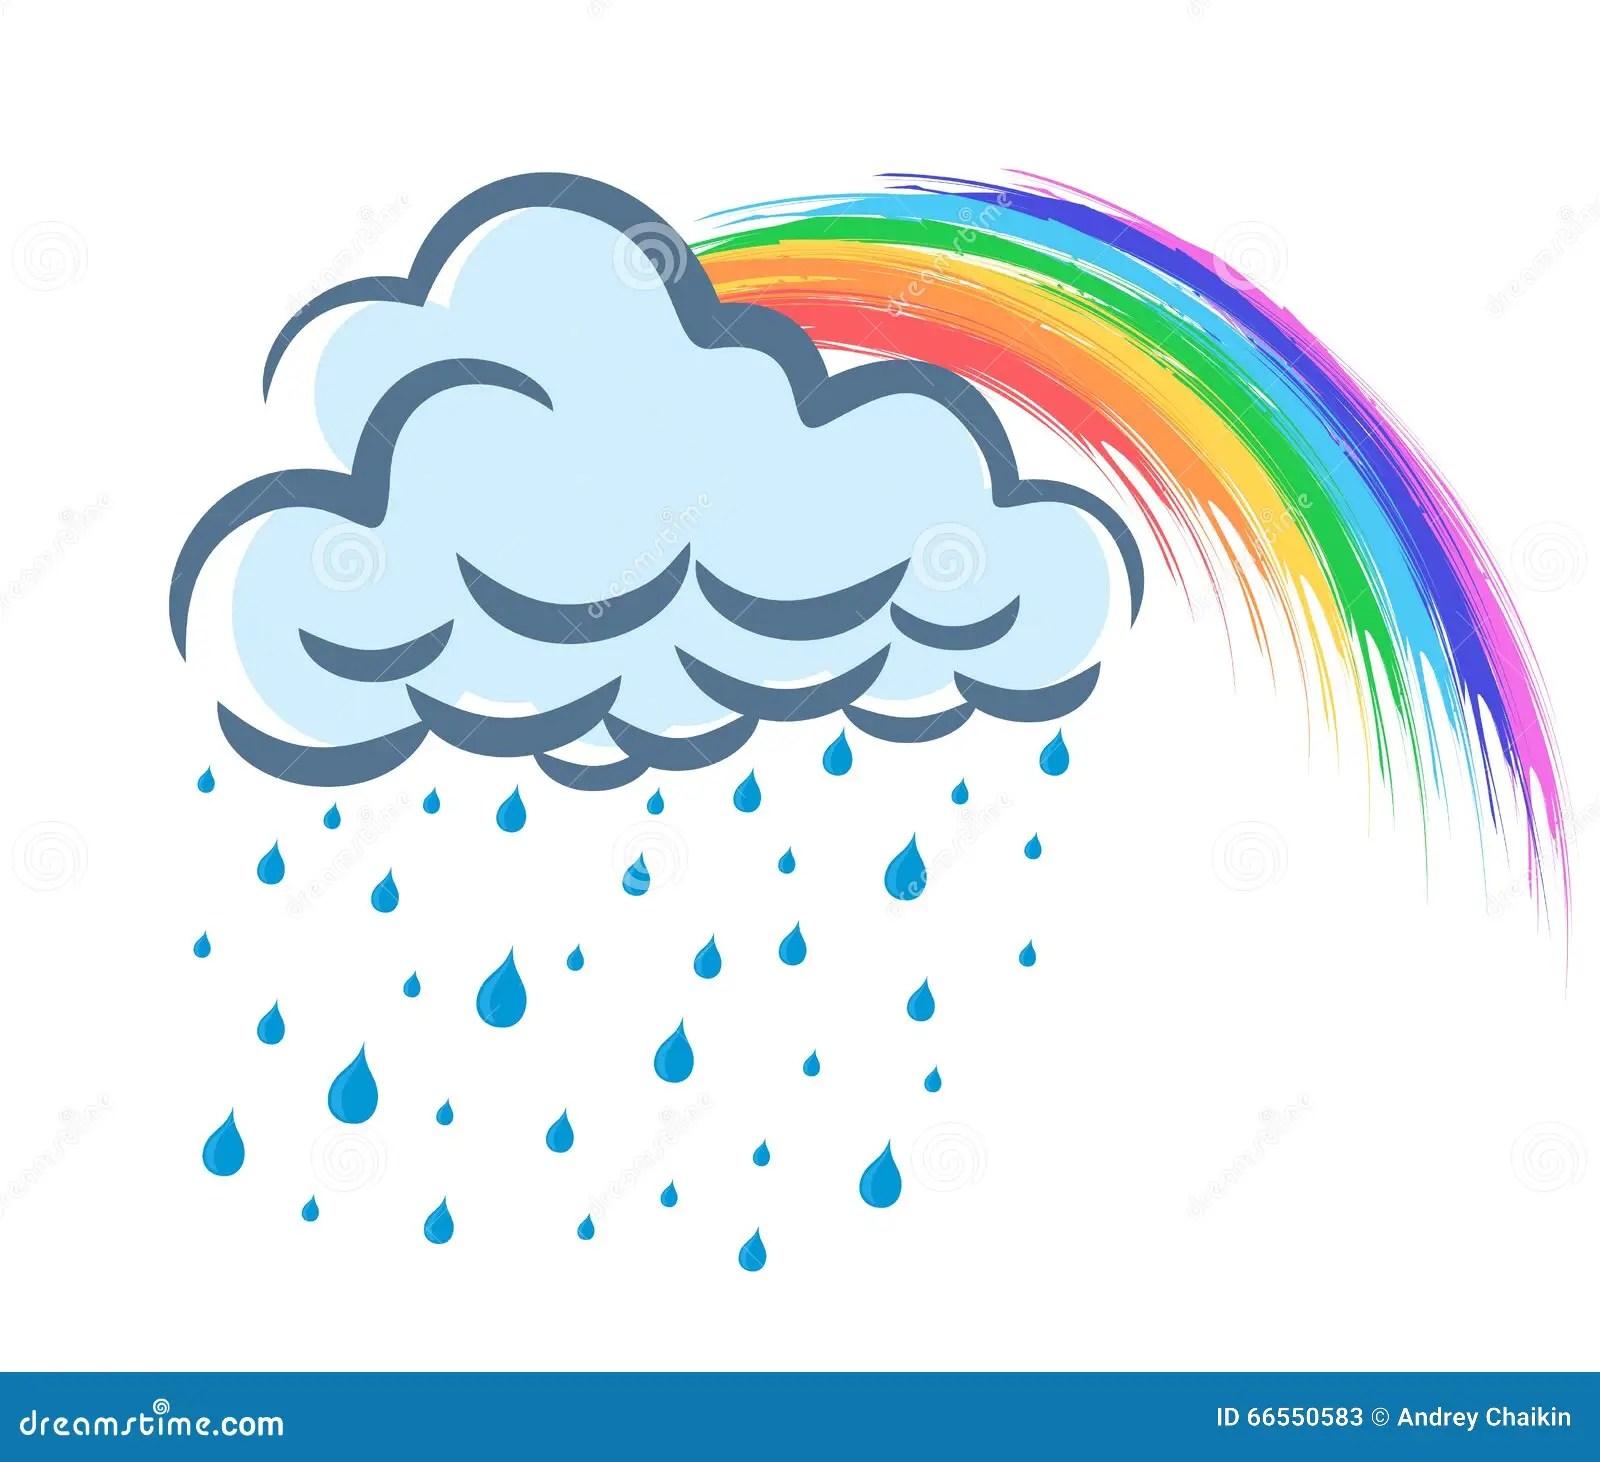 Rainbow With Rain Stock Vector Illustration Of Rainbow